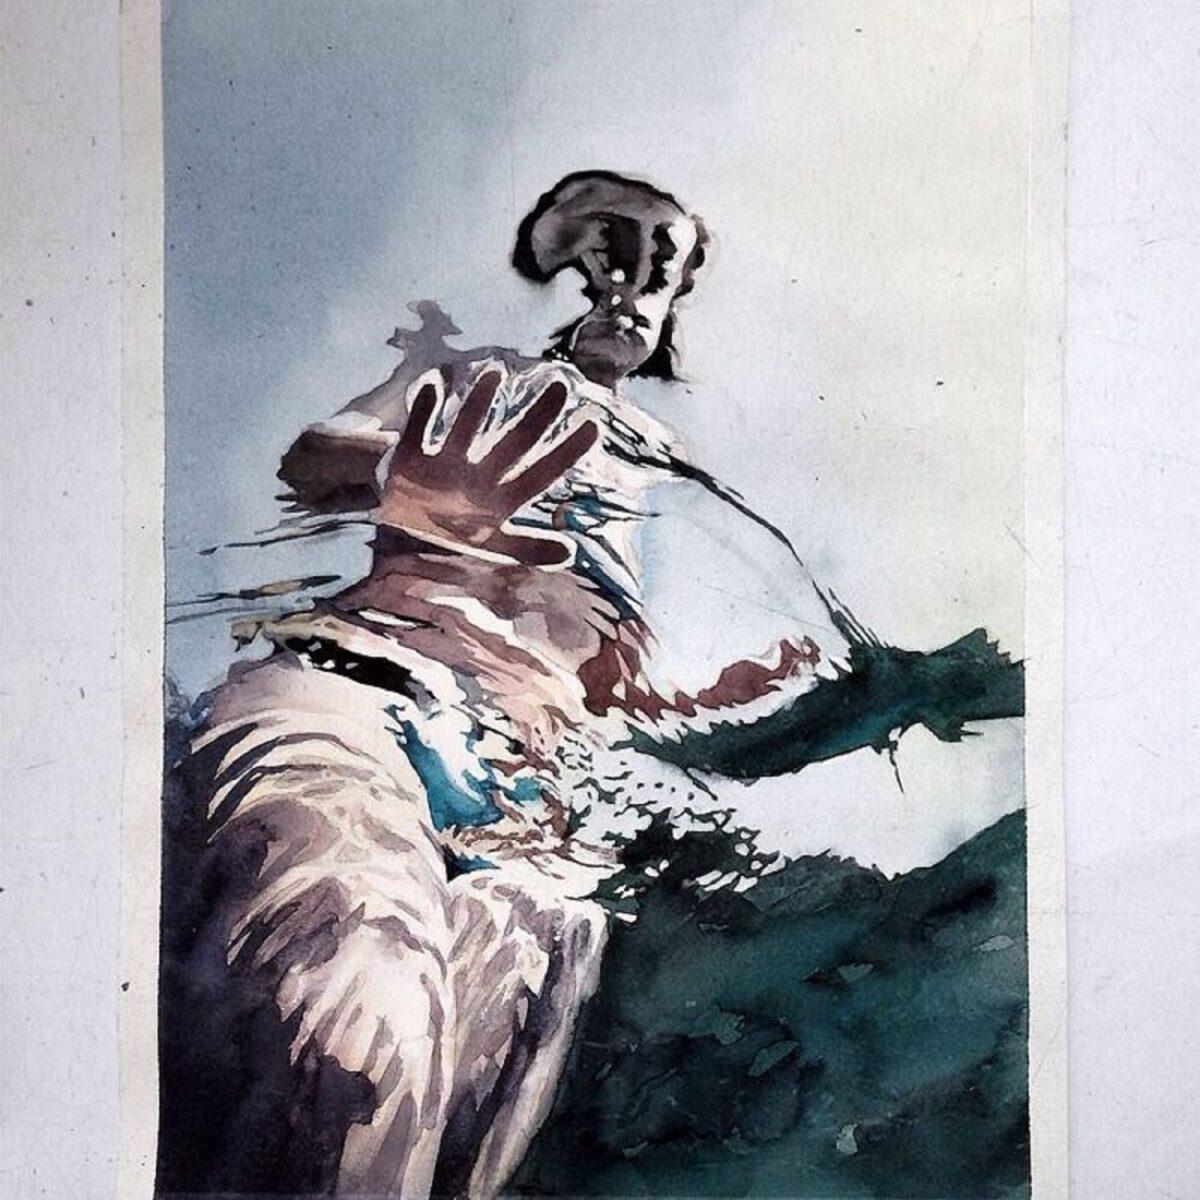 Marcos Beccari artista brasileiro retrata pessoas dentro dagua em incriveis pinturas aquarelas 17